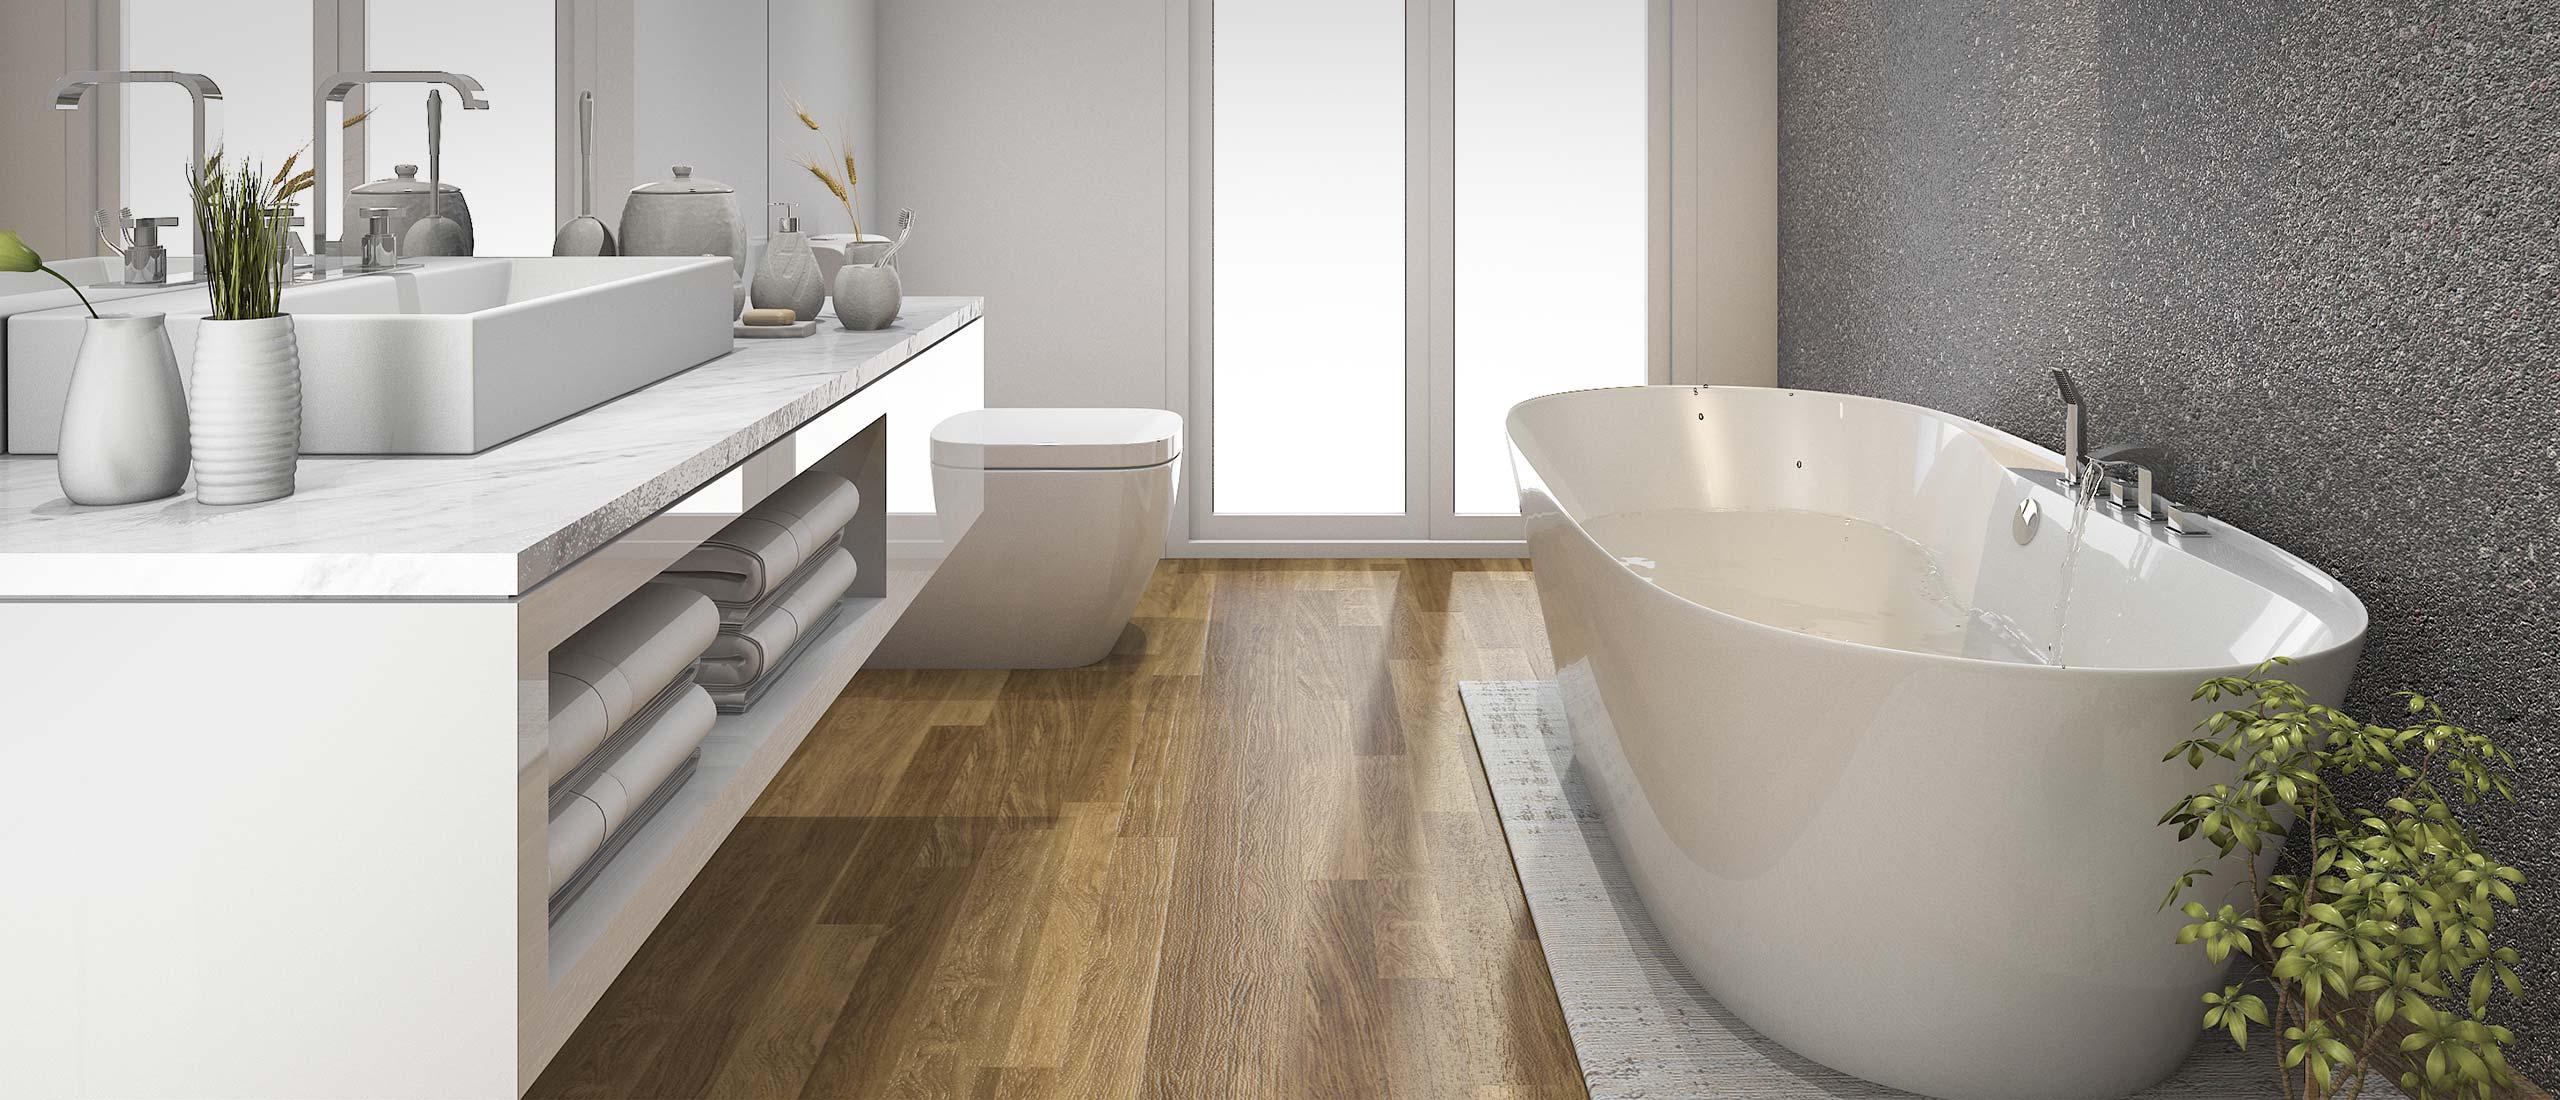 badkamer verbouwen door de installateur uit steensel valkenswaard